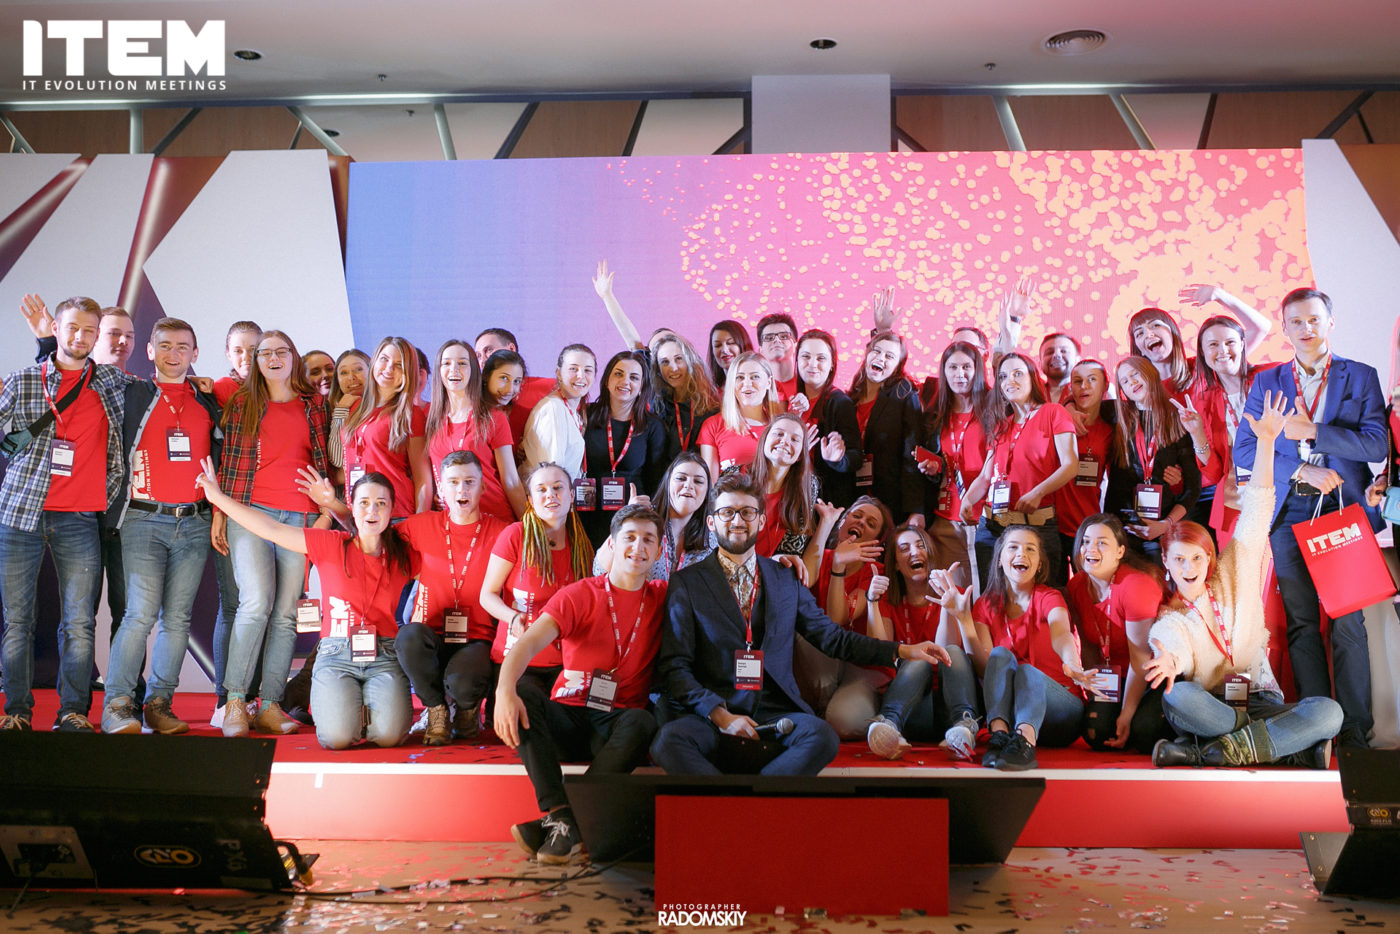 Статьи: Впервые в Киеве прошла 6-я конференция ITEM. From code to product. From service to solution.